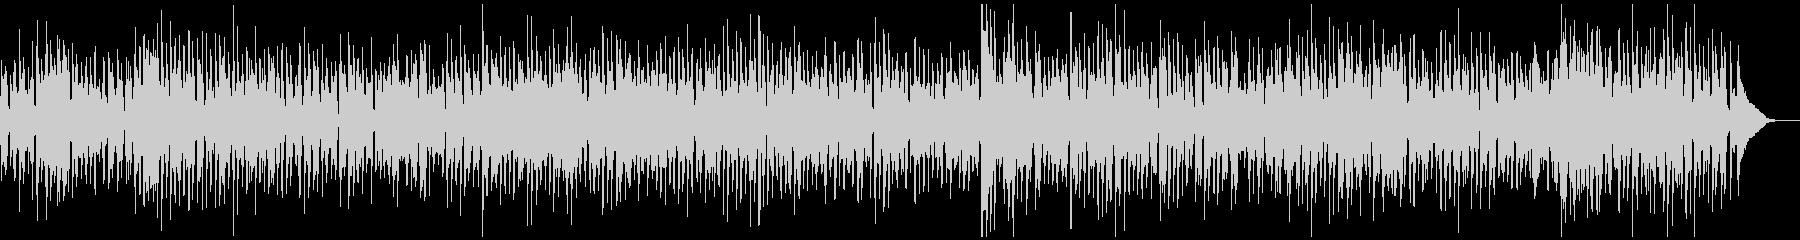 アルトサックス、スイングジャズBGMの未再生の波形